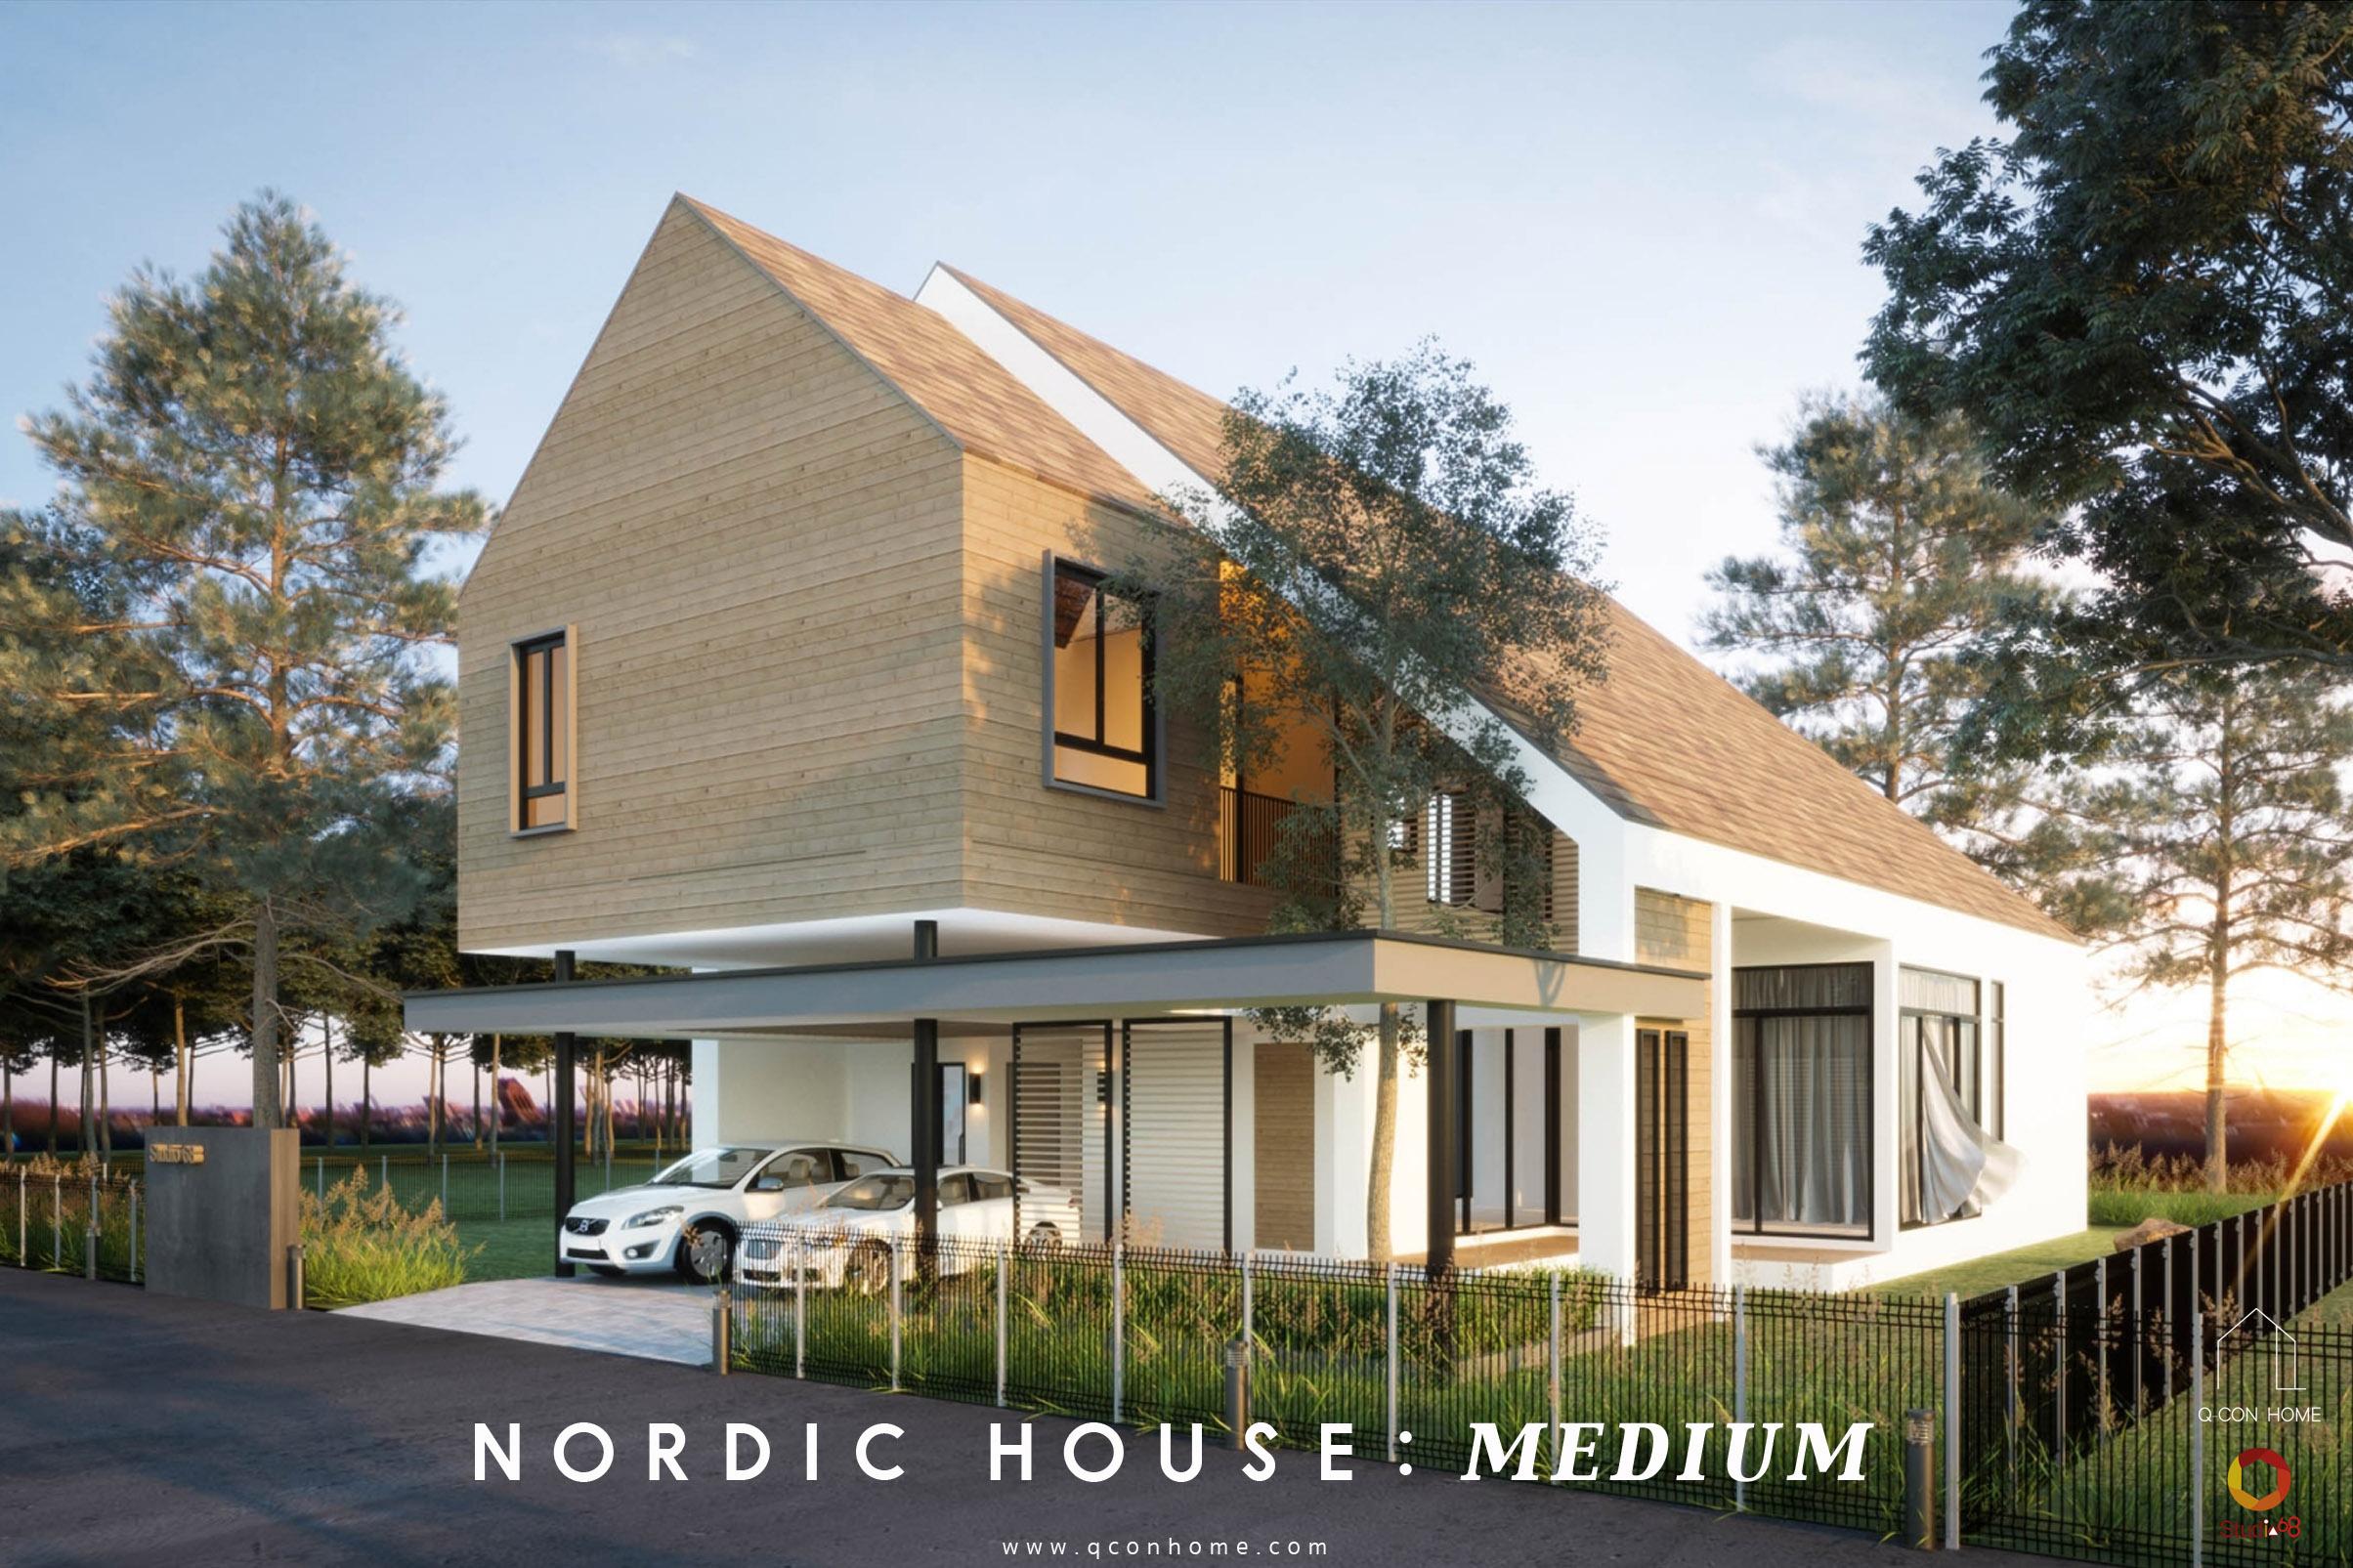 ขายแบบบ้านสวย บริษัทรับสร้างบ้าน หัวหิน ออกแบบบ้าน รับสร้างบ้าน สร้างบ้านดี แบบบ้านสวย แบบบ้านพร้อมก่อสร้าง